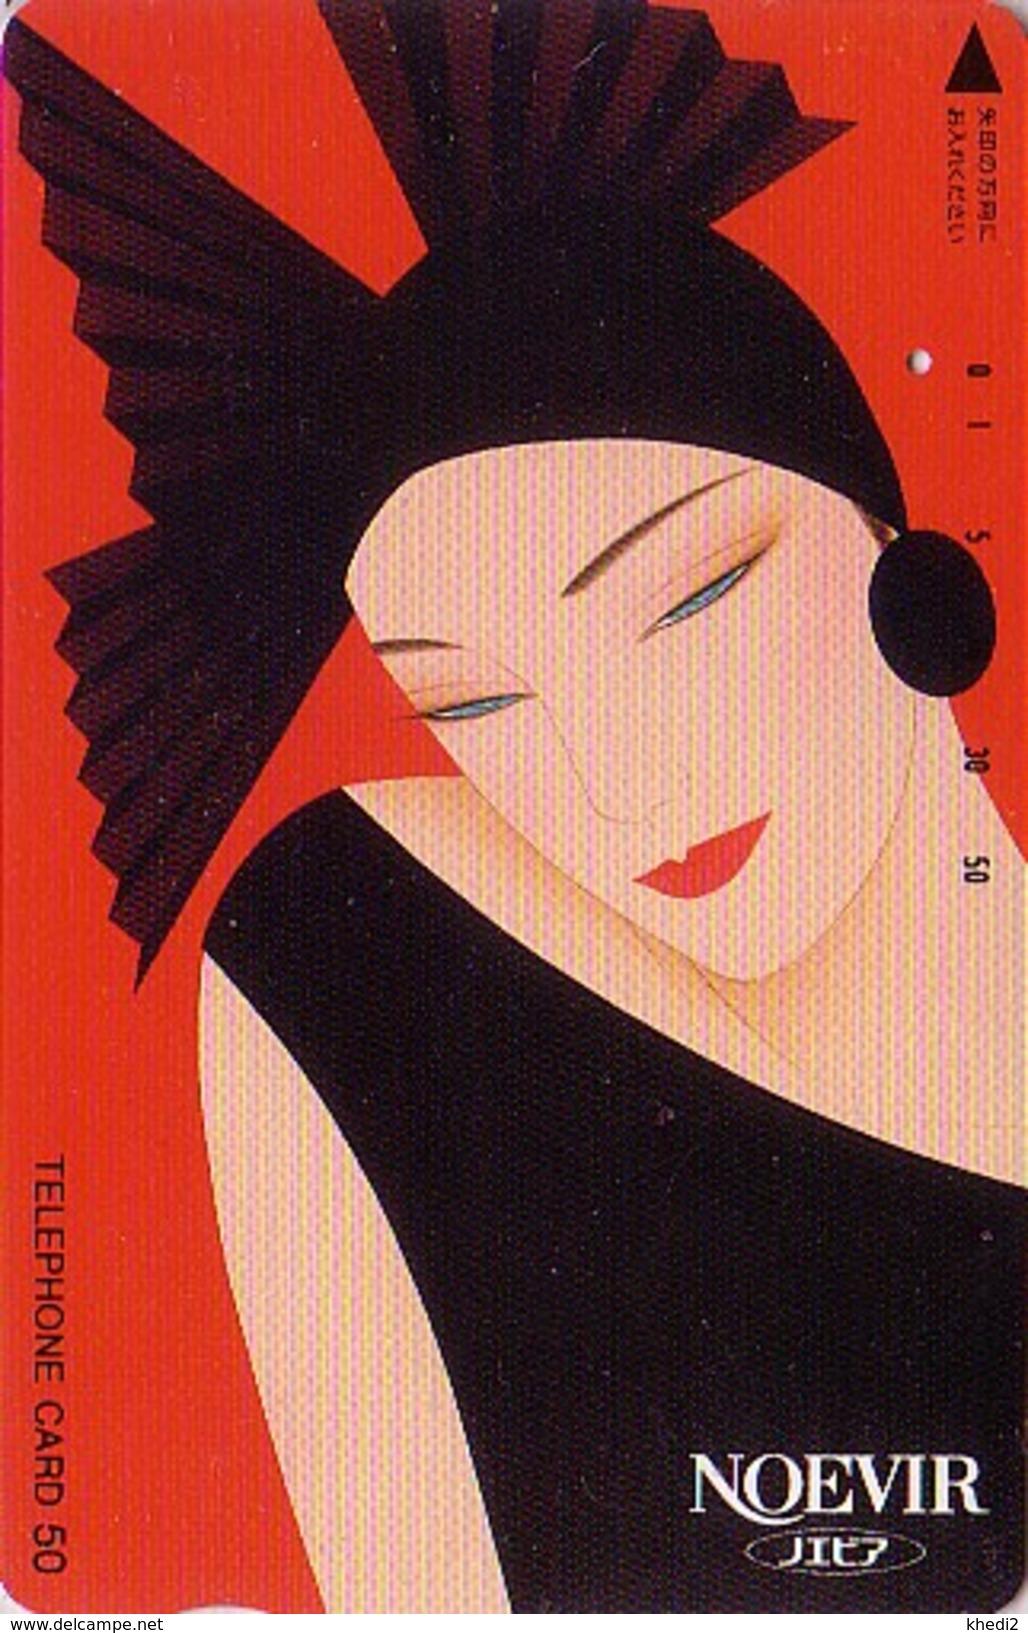 Télécarte Japon / 110-28535 - Cosmétiques NOEVIR / Femme ** ONE PUNCH ** - Girl Japan Phonecard Parfum Perfume - 237 - Parfum